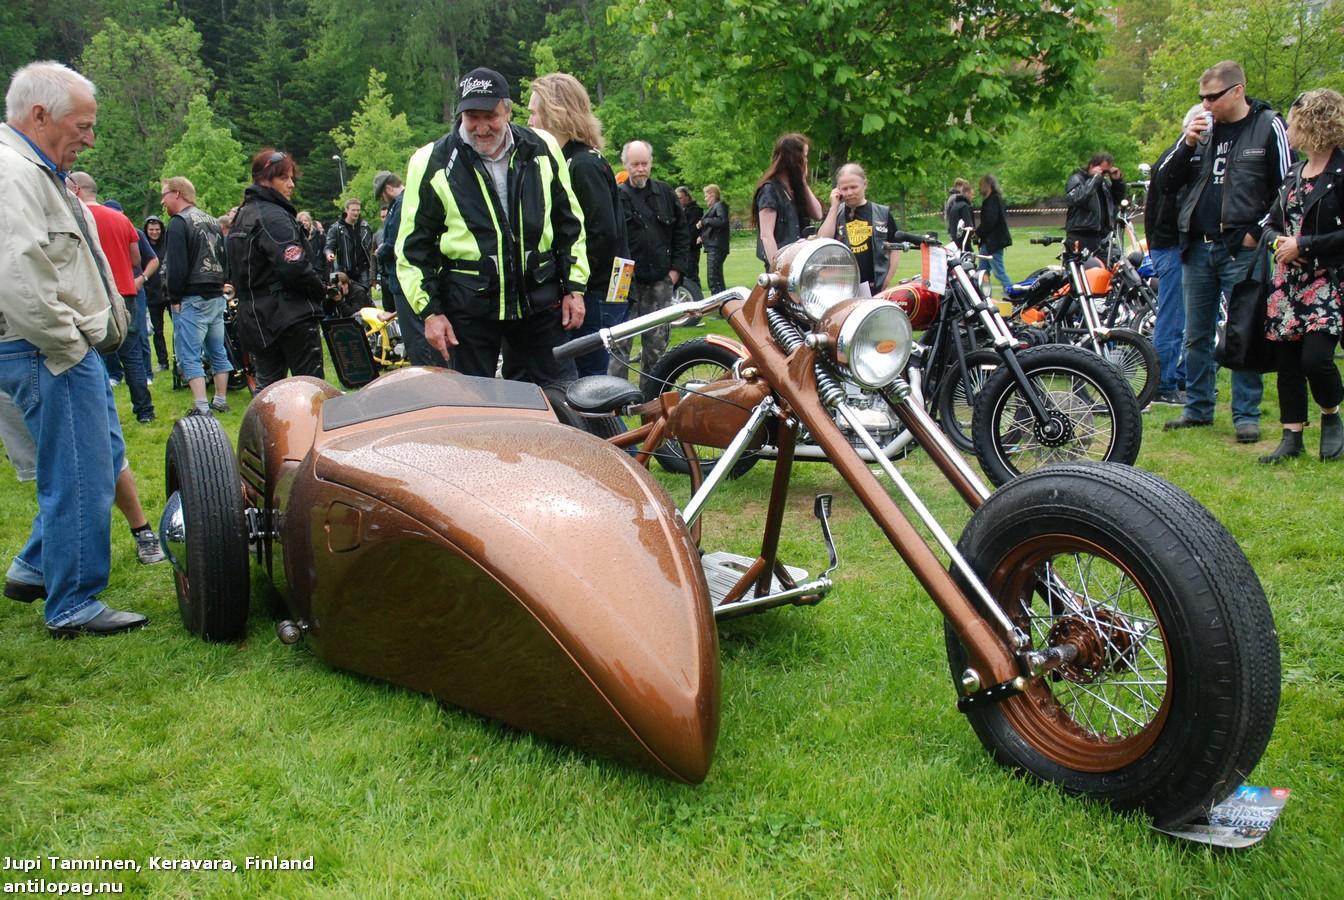 Керавара-Keravara Первое место в категории мотоциклов Кастом на кастомбайк-шоу в Норртелье 2013